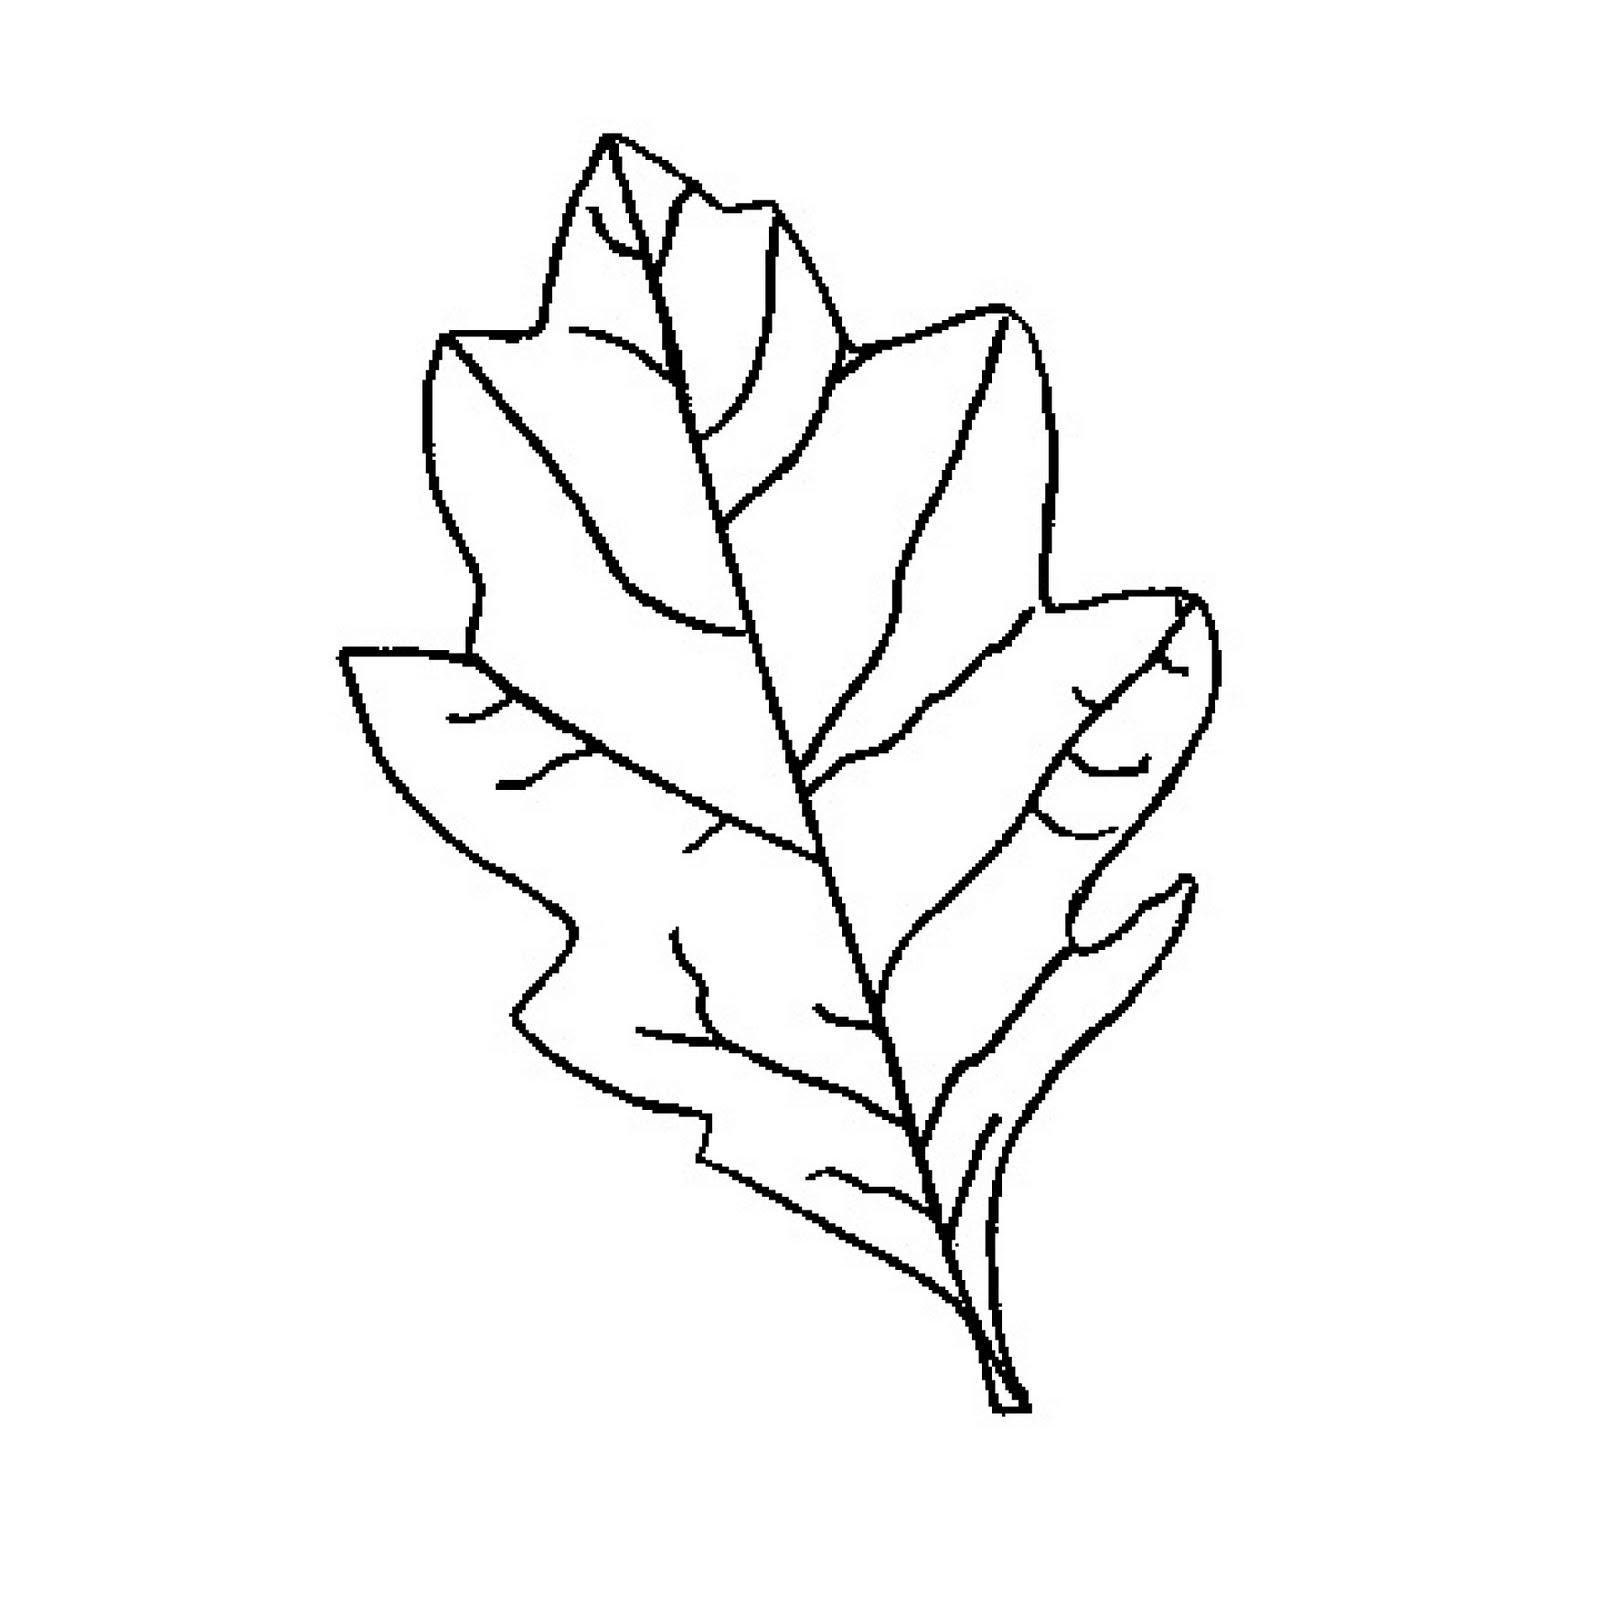 Free Oak Leaf Outline, Download Free Clip Art, Free Clip Art.